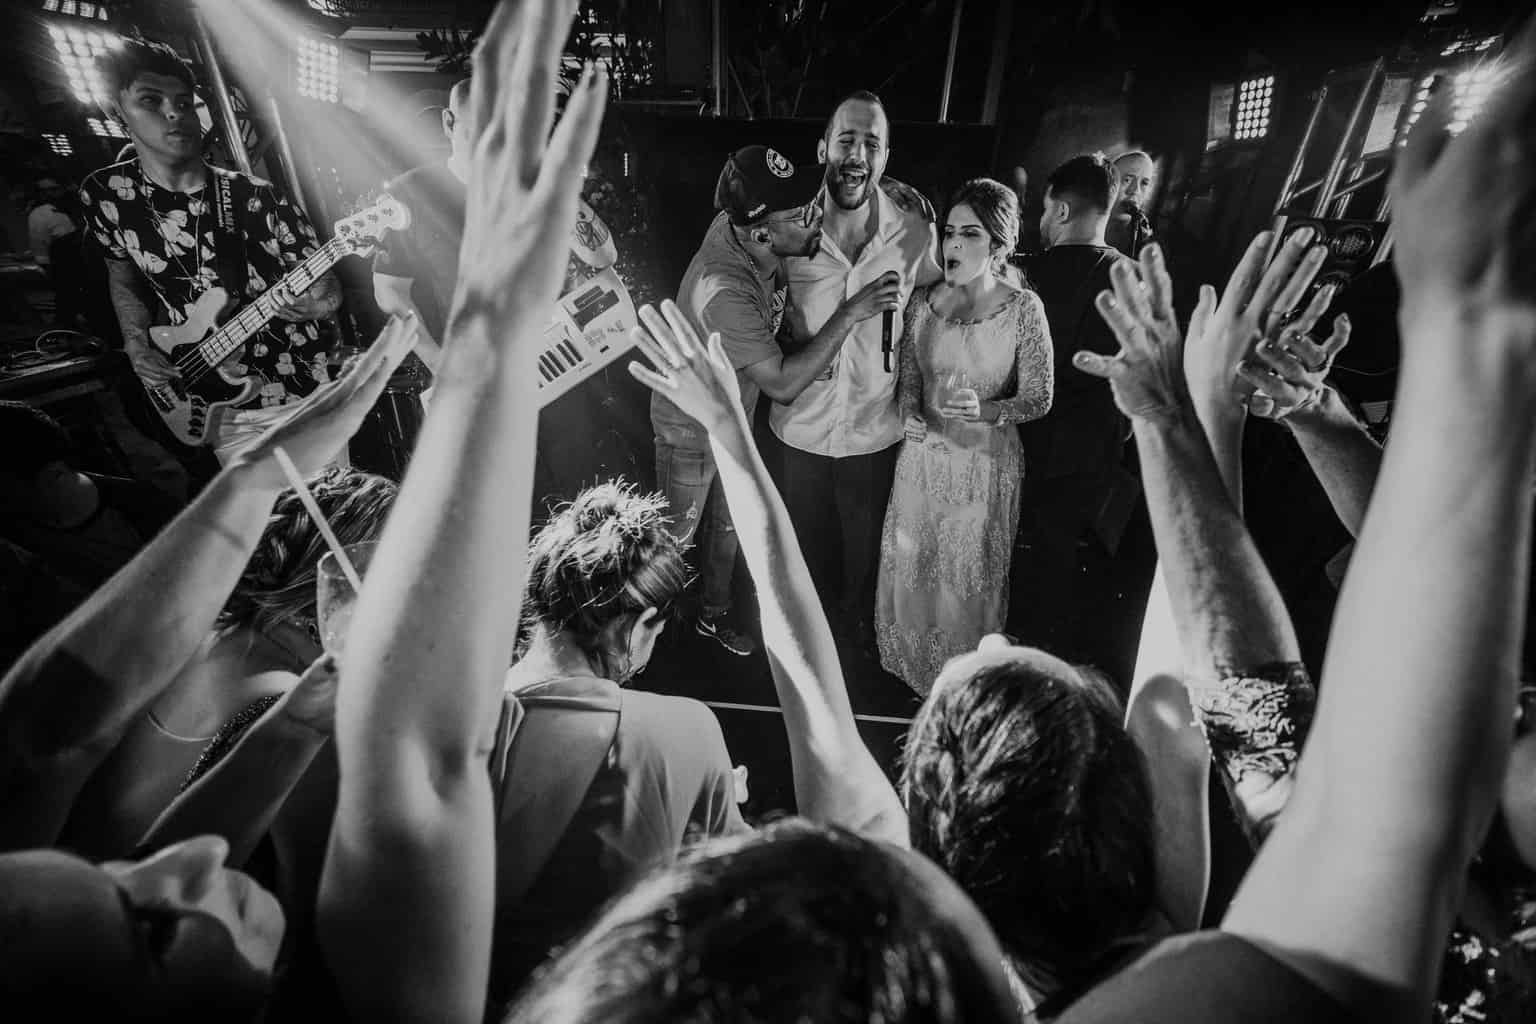 bochecha-casamento-na-serra-festa-de-casamento-Fotografia-Renata-Xavier-Les-Amies-Cerimonial-Locanda-Della-Mimosa-Natalia-e-Bruno653